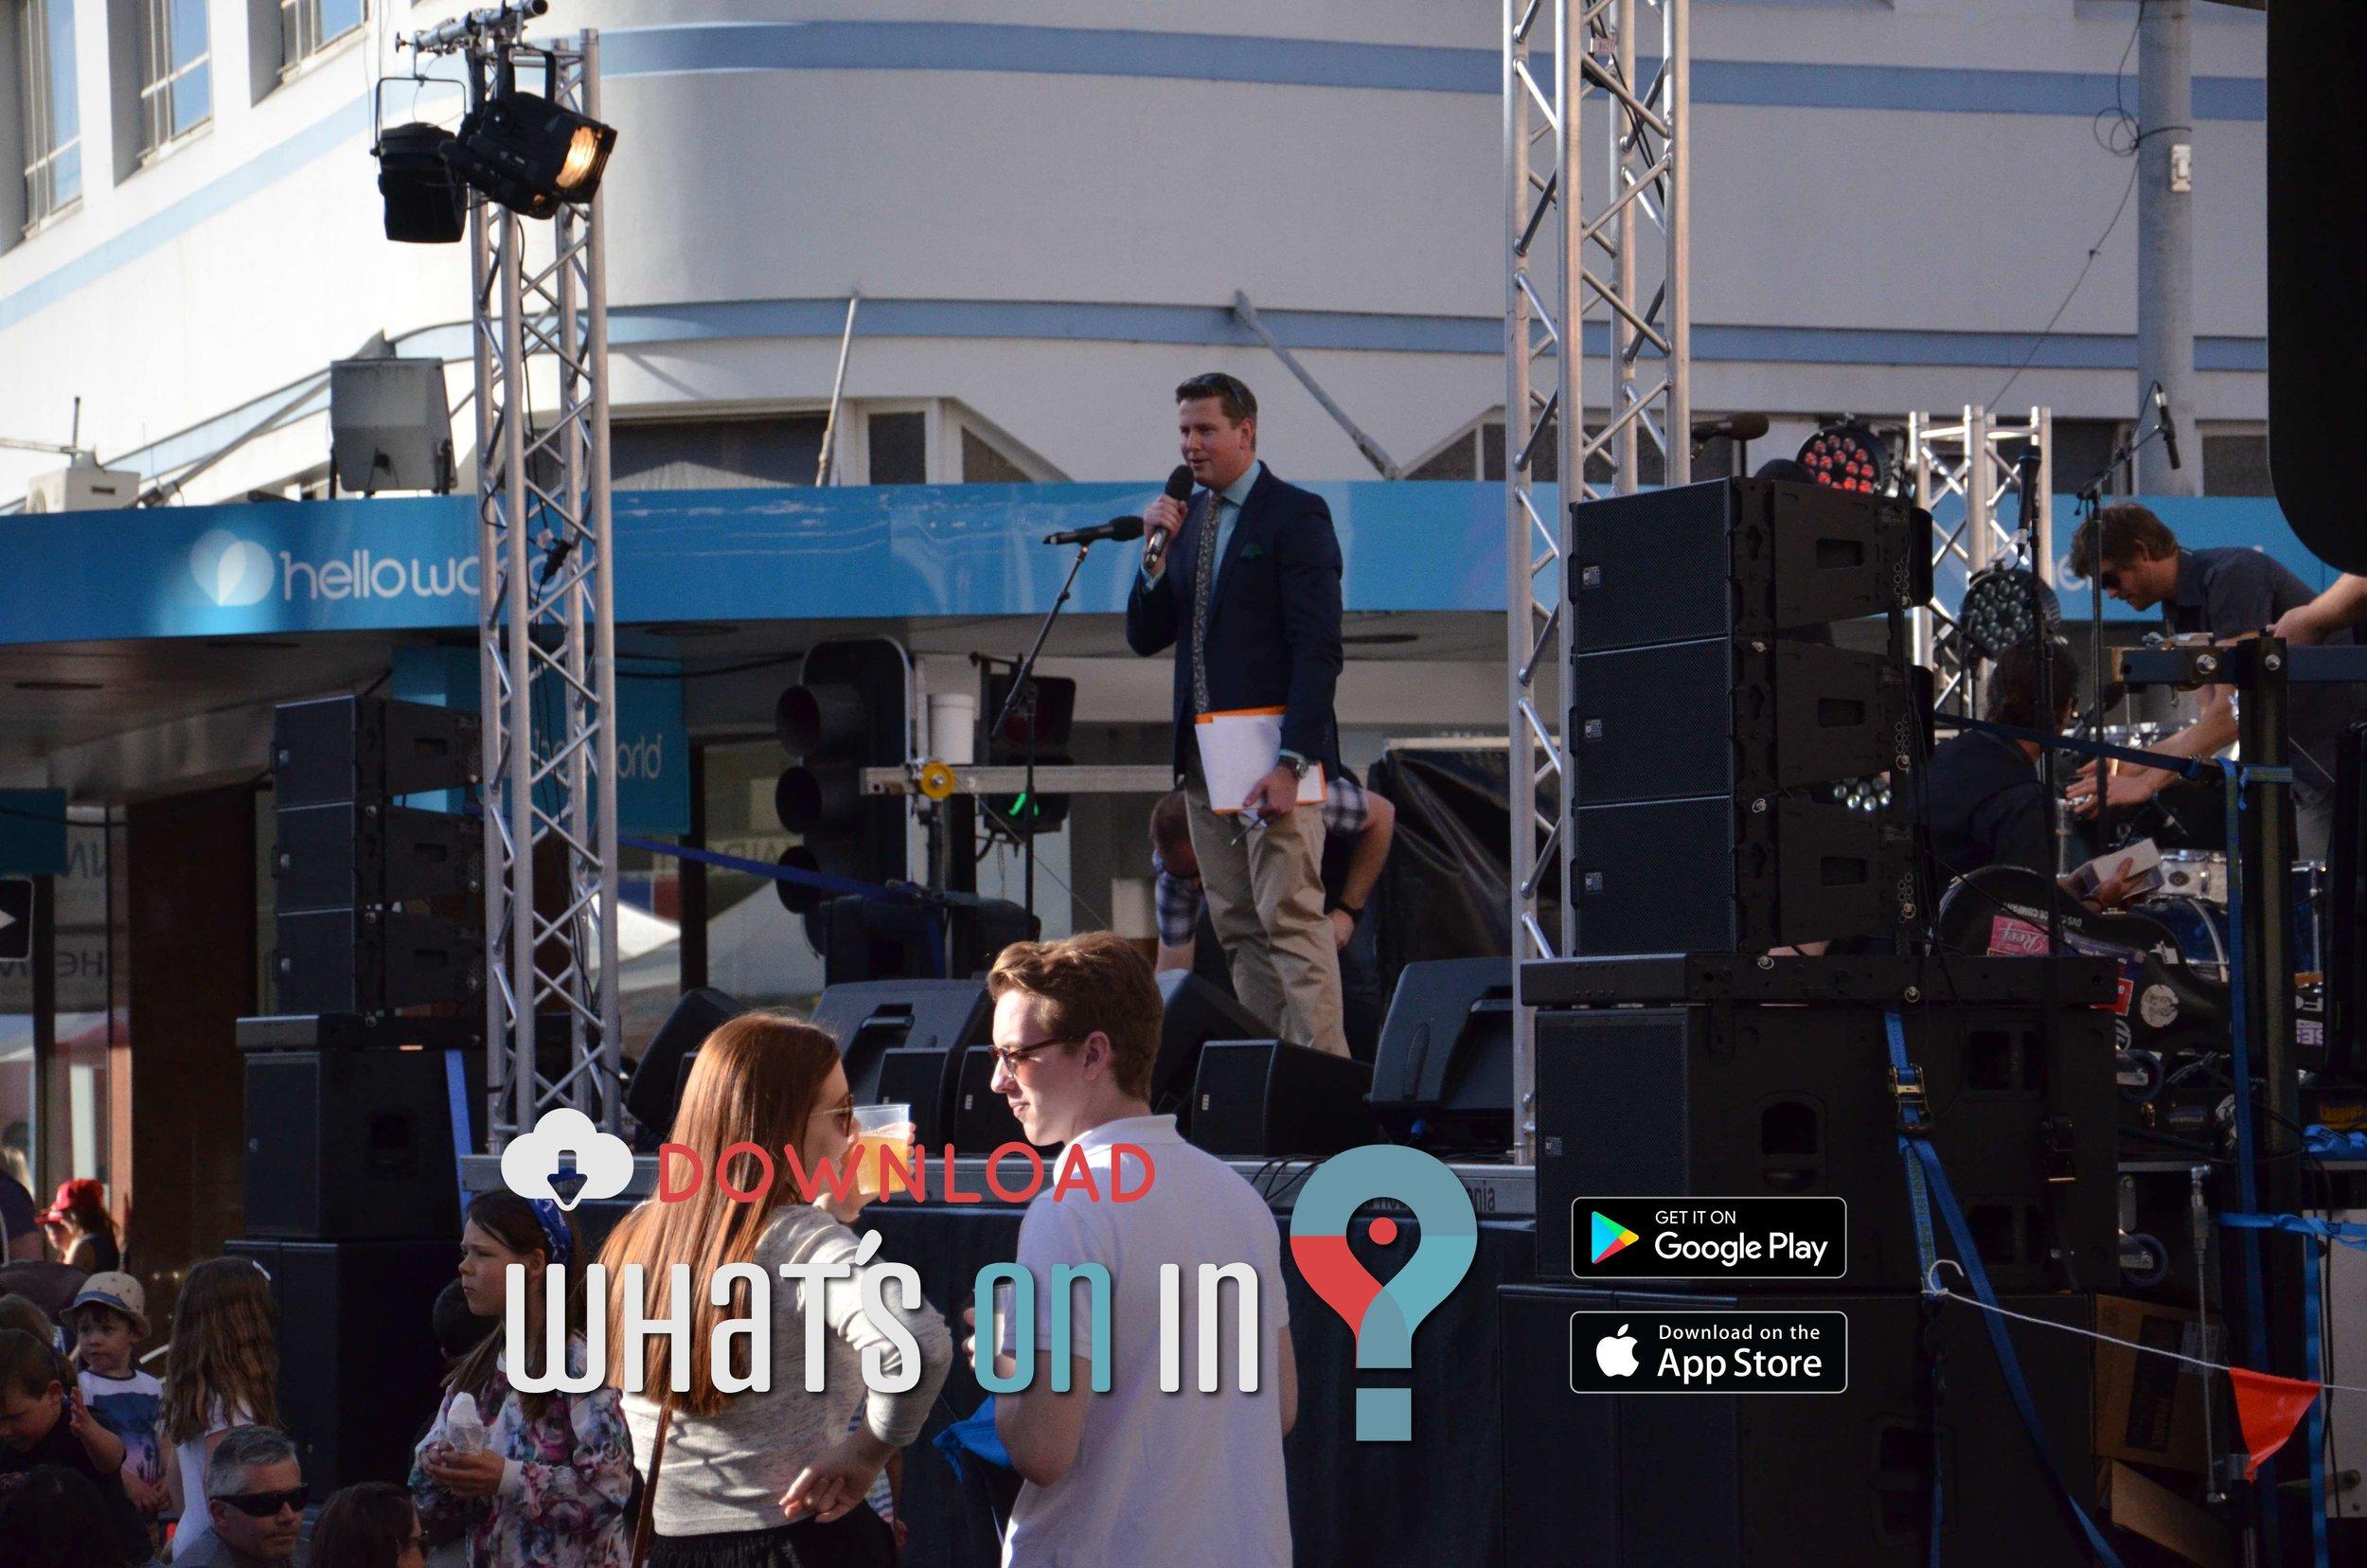 Fiesta on George Festival, Launceston, Tasmania 2016 - What's On In App 008 DSC_7280.jpg